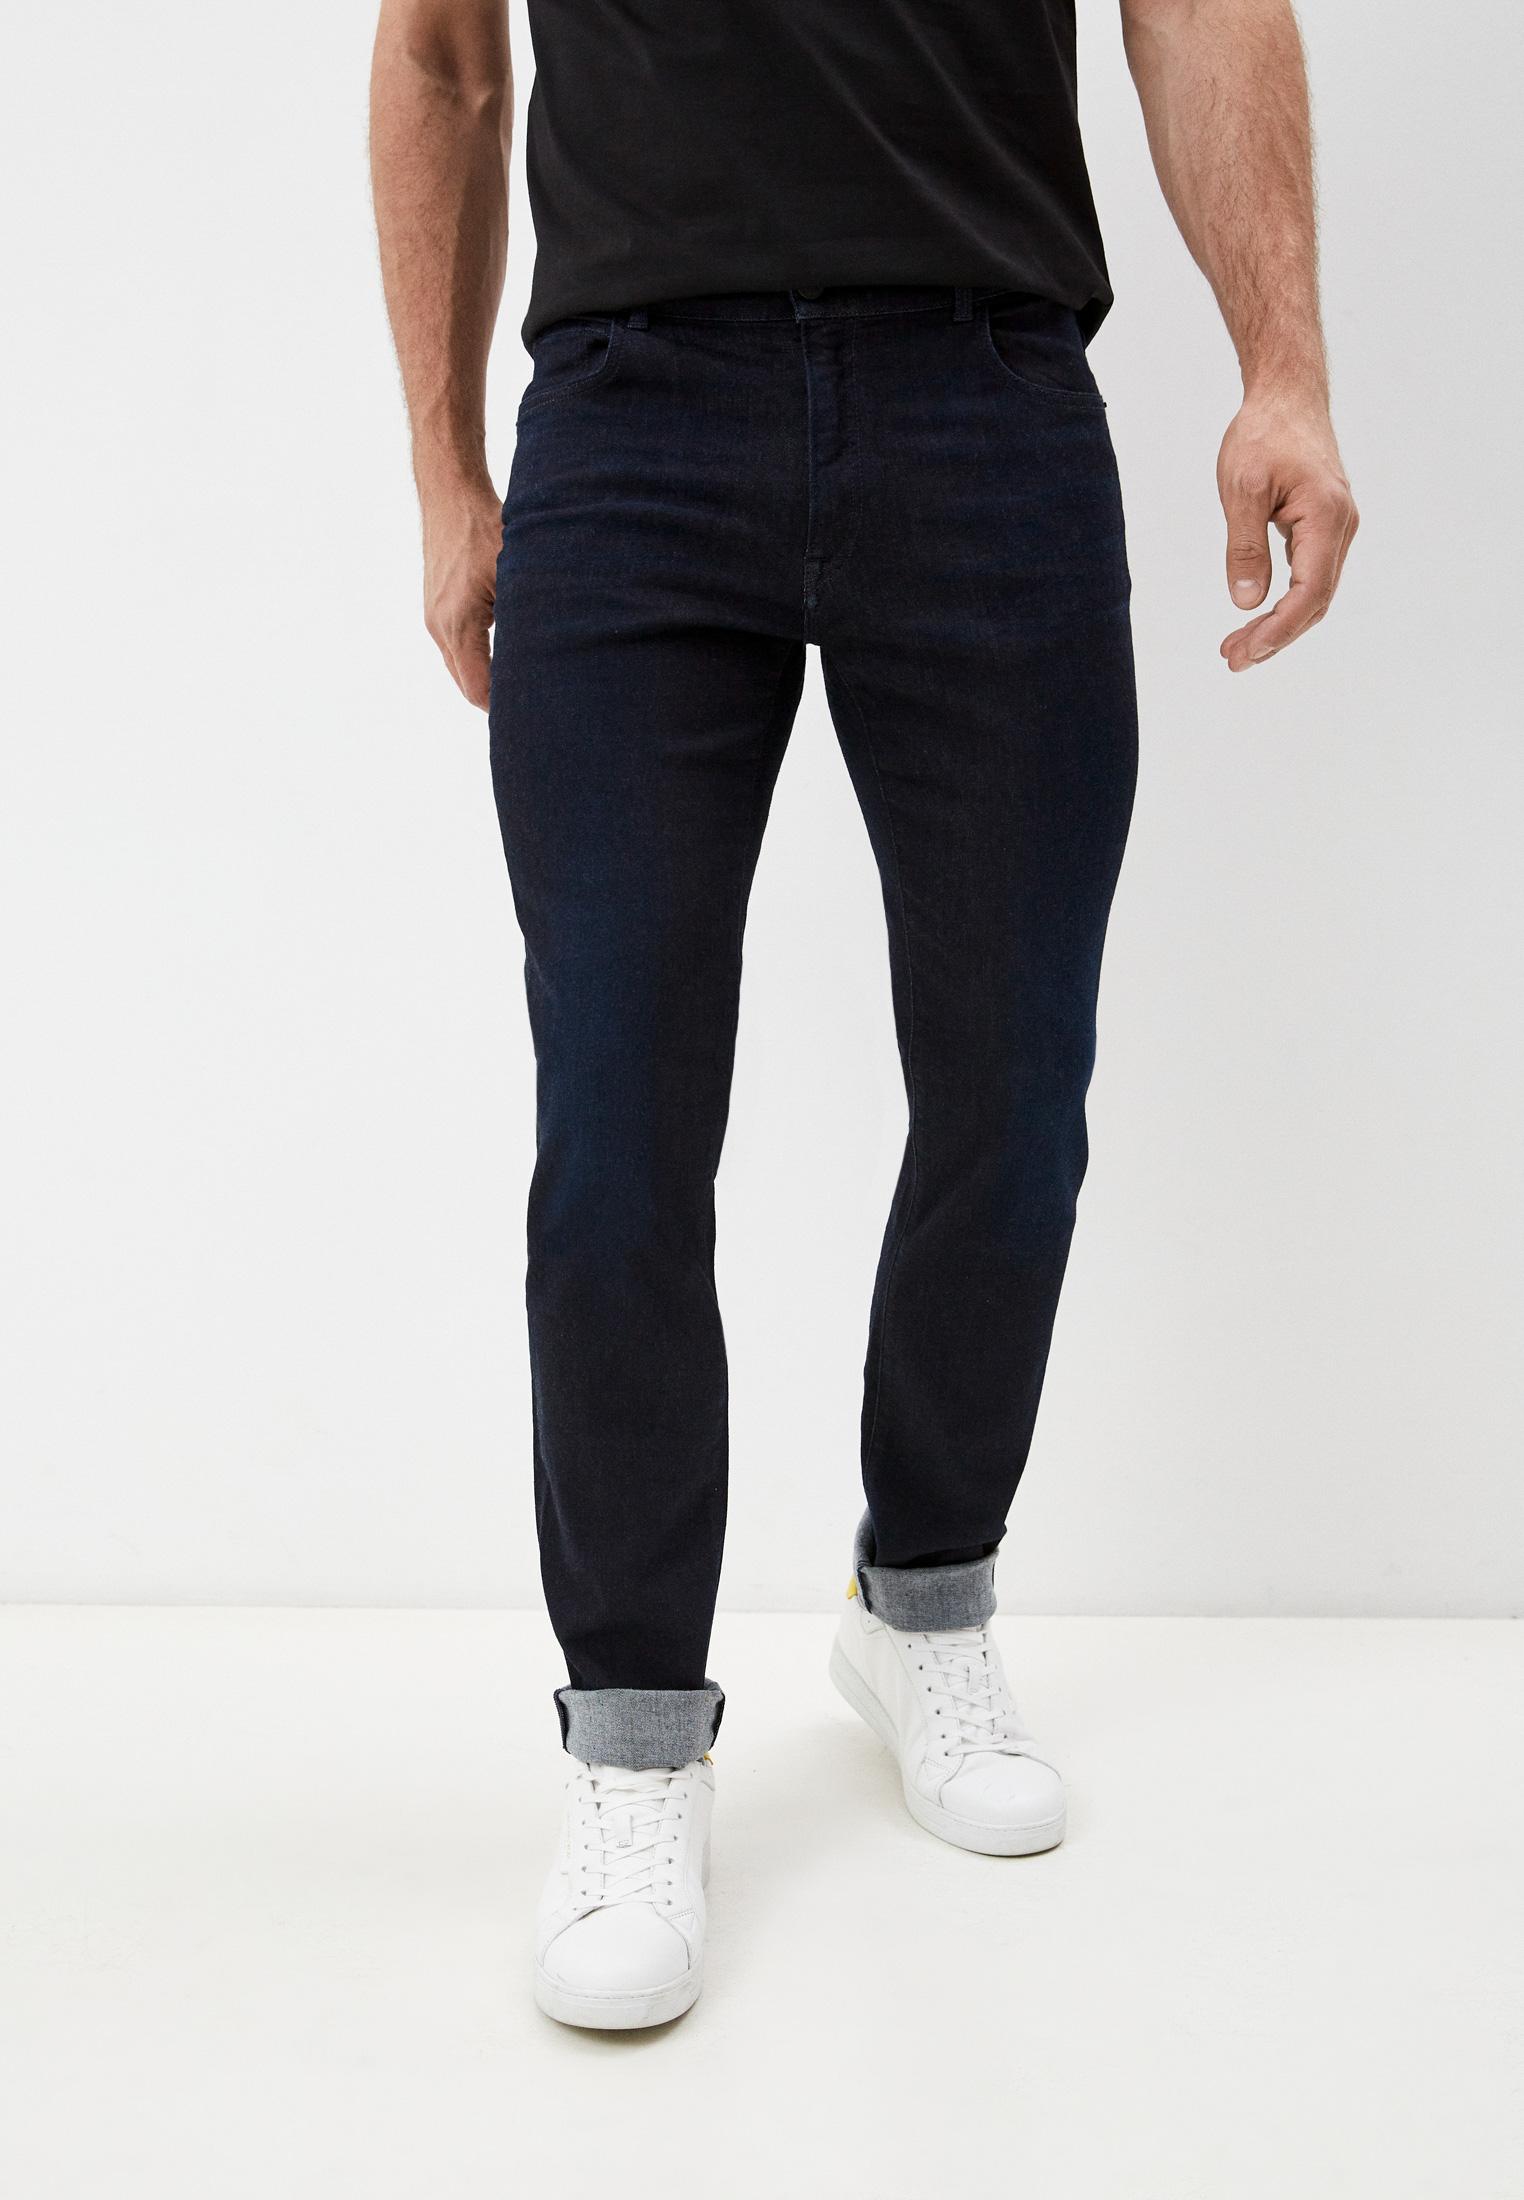 Зауженные джинсы Trussardi (Труссарди) 52J00001-1T005415